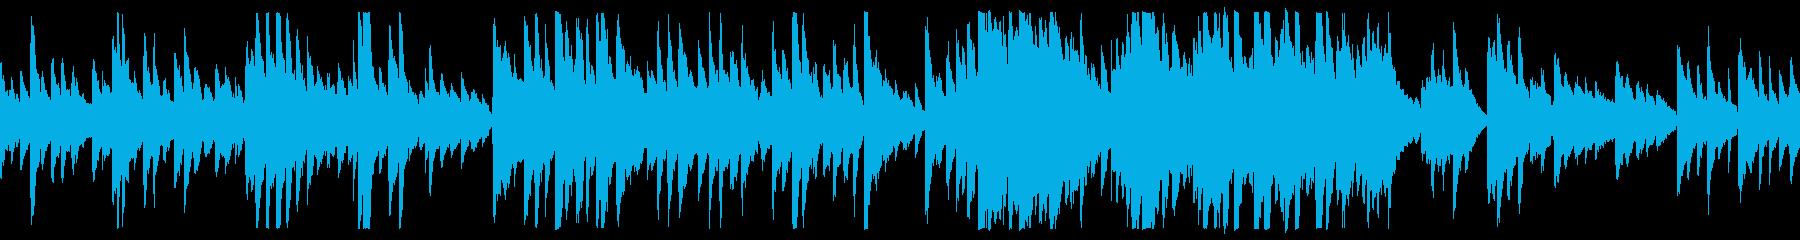 暖かい優しいスローピアノバラード(ループの再生済みの波形